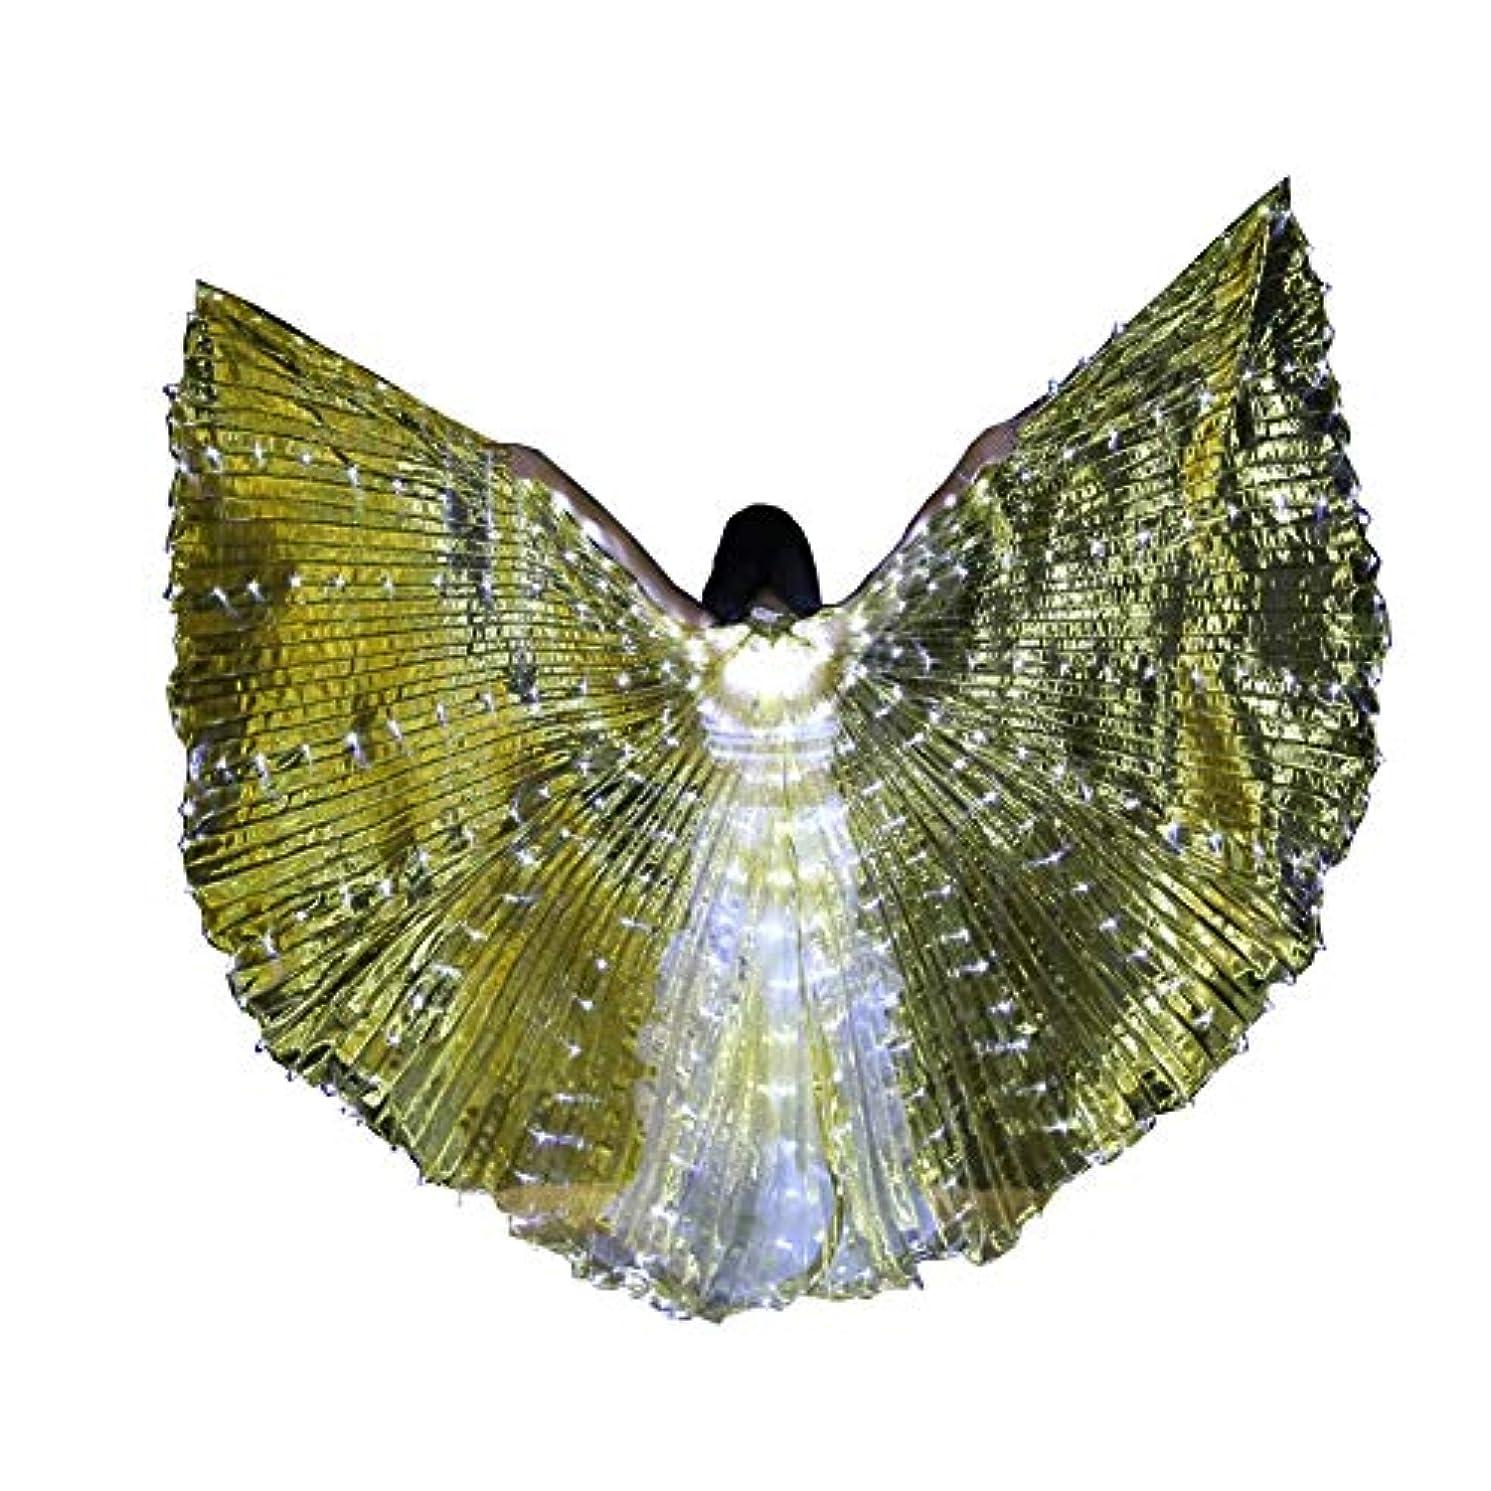 謙虚コテージリズミカルなスティック/ロッドとLEDイシスウイングアダルト玉虫色ベリーダンスパフォーマンスパーティーABellyダンスLEDイシスウイング (Color : Transparent gold)